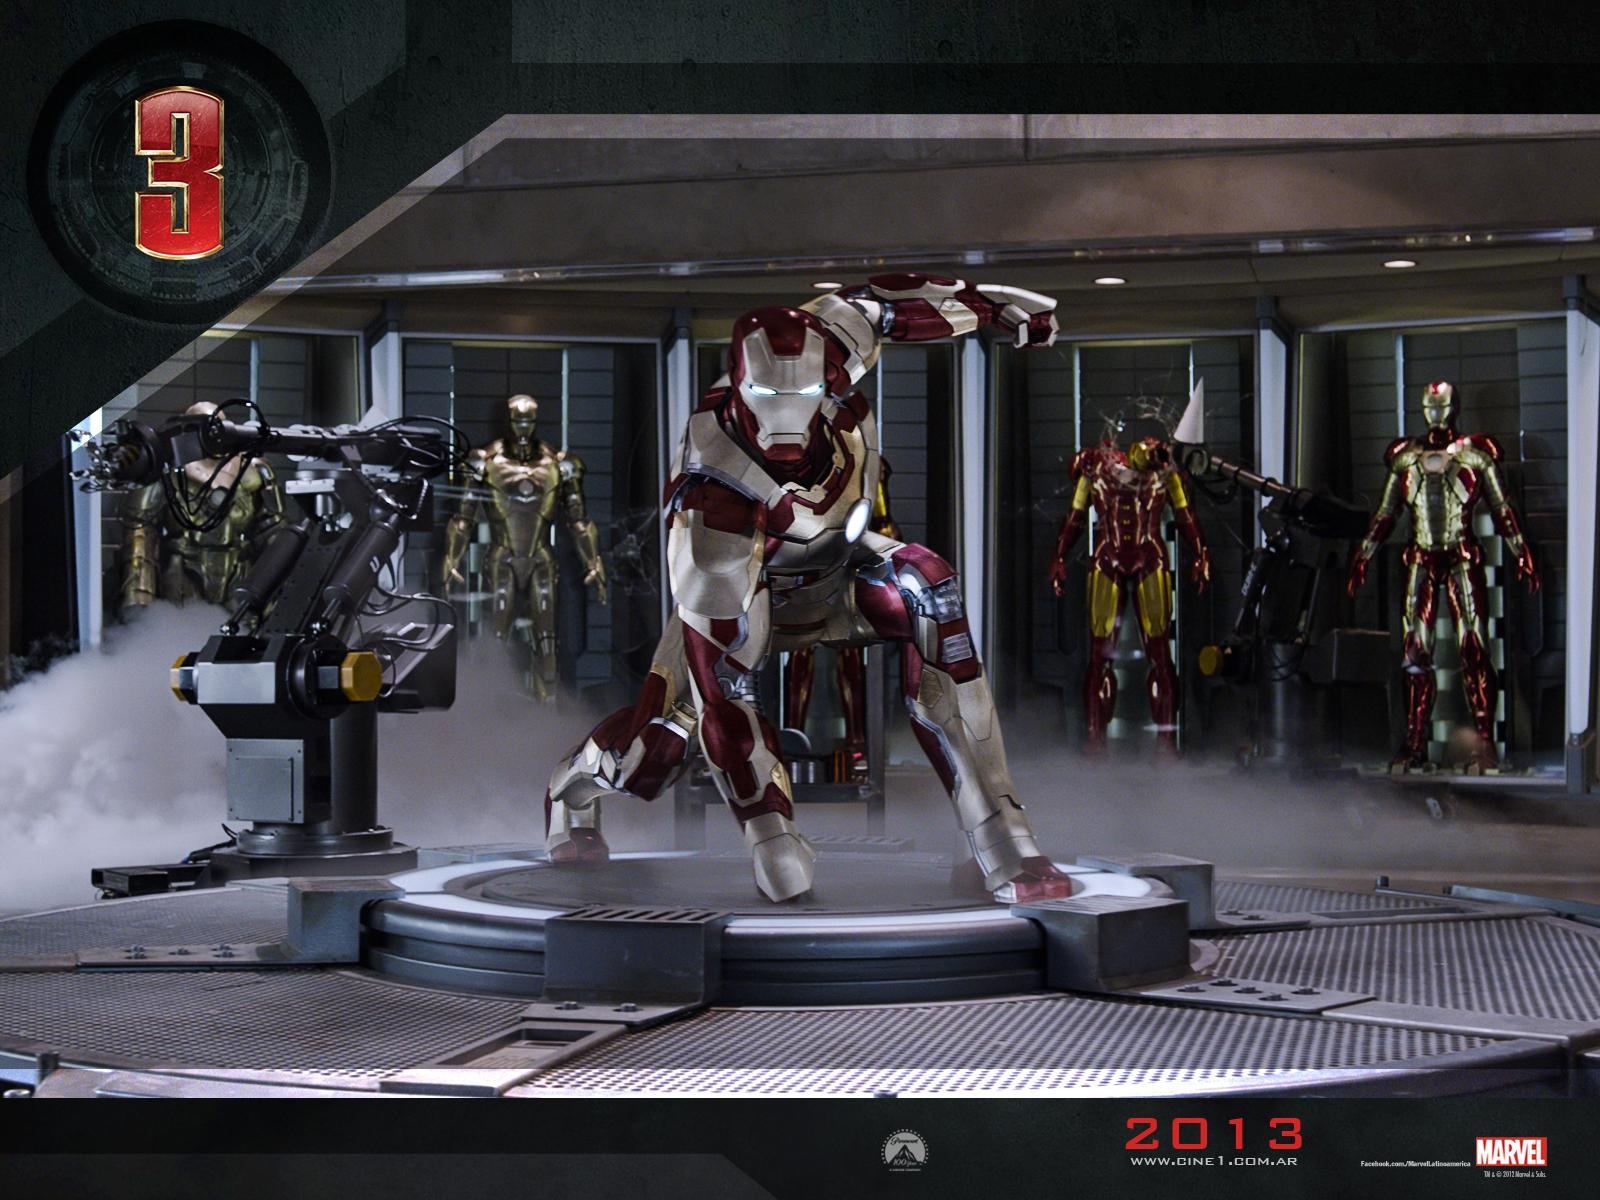 [Mi subida] Iron Man 3 (2013) [DvdRip]